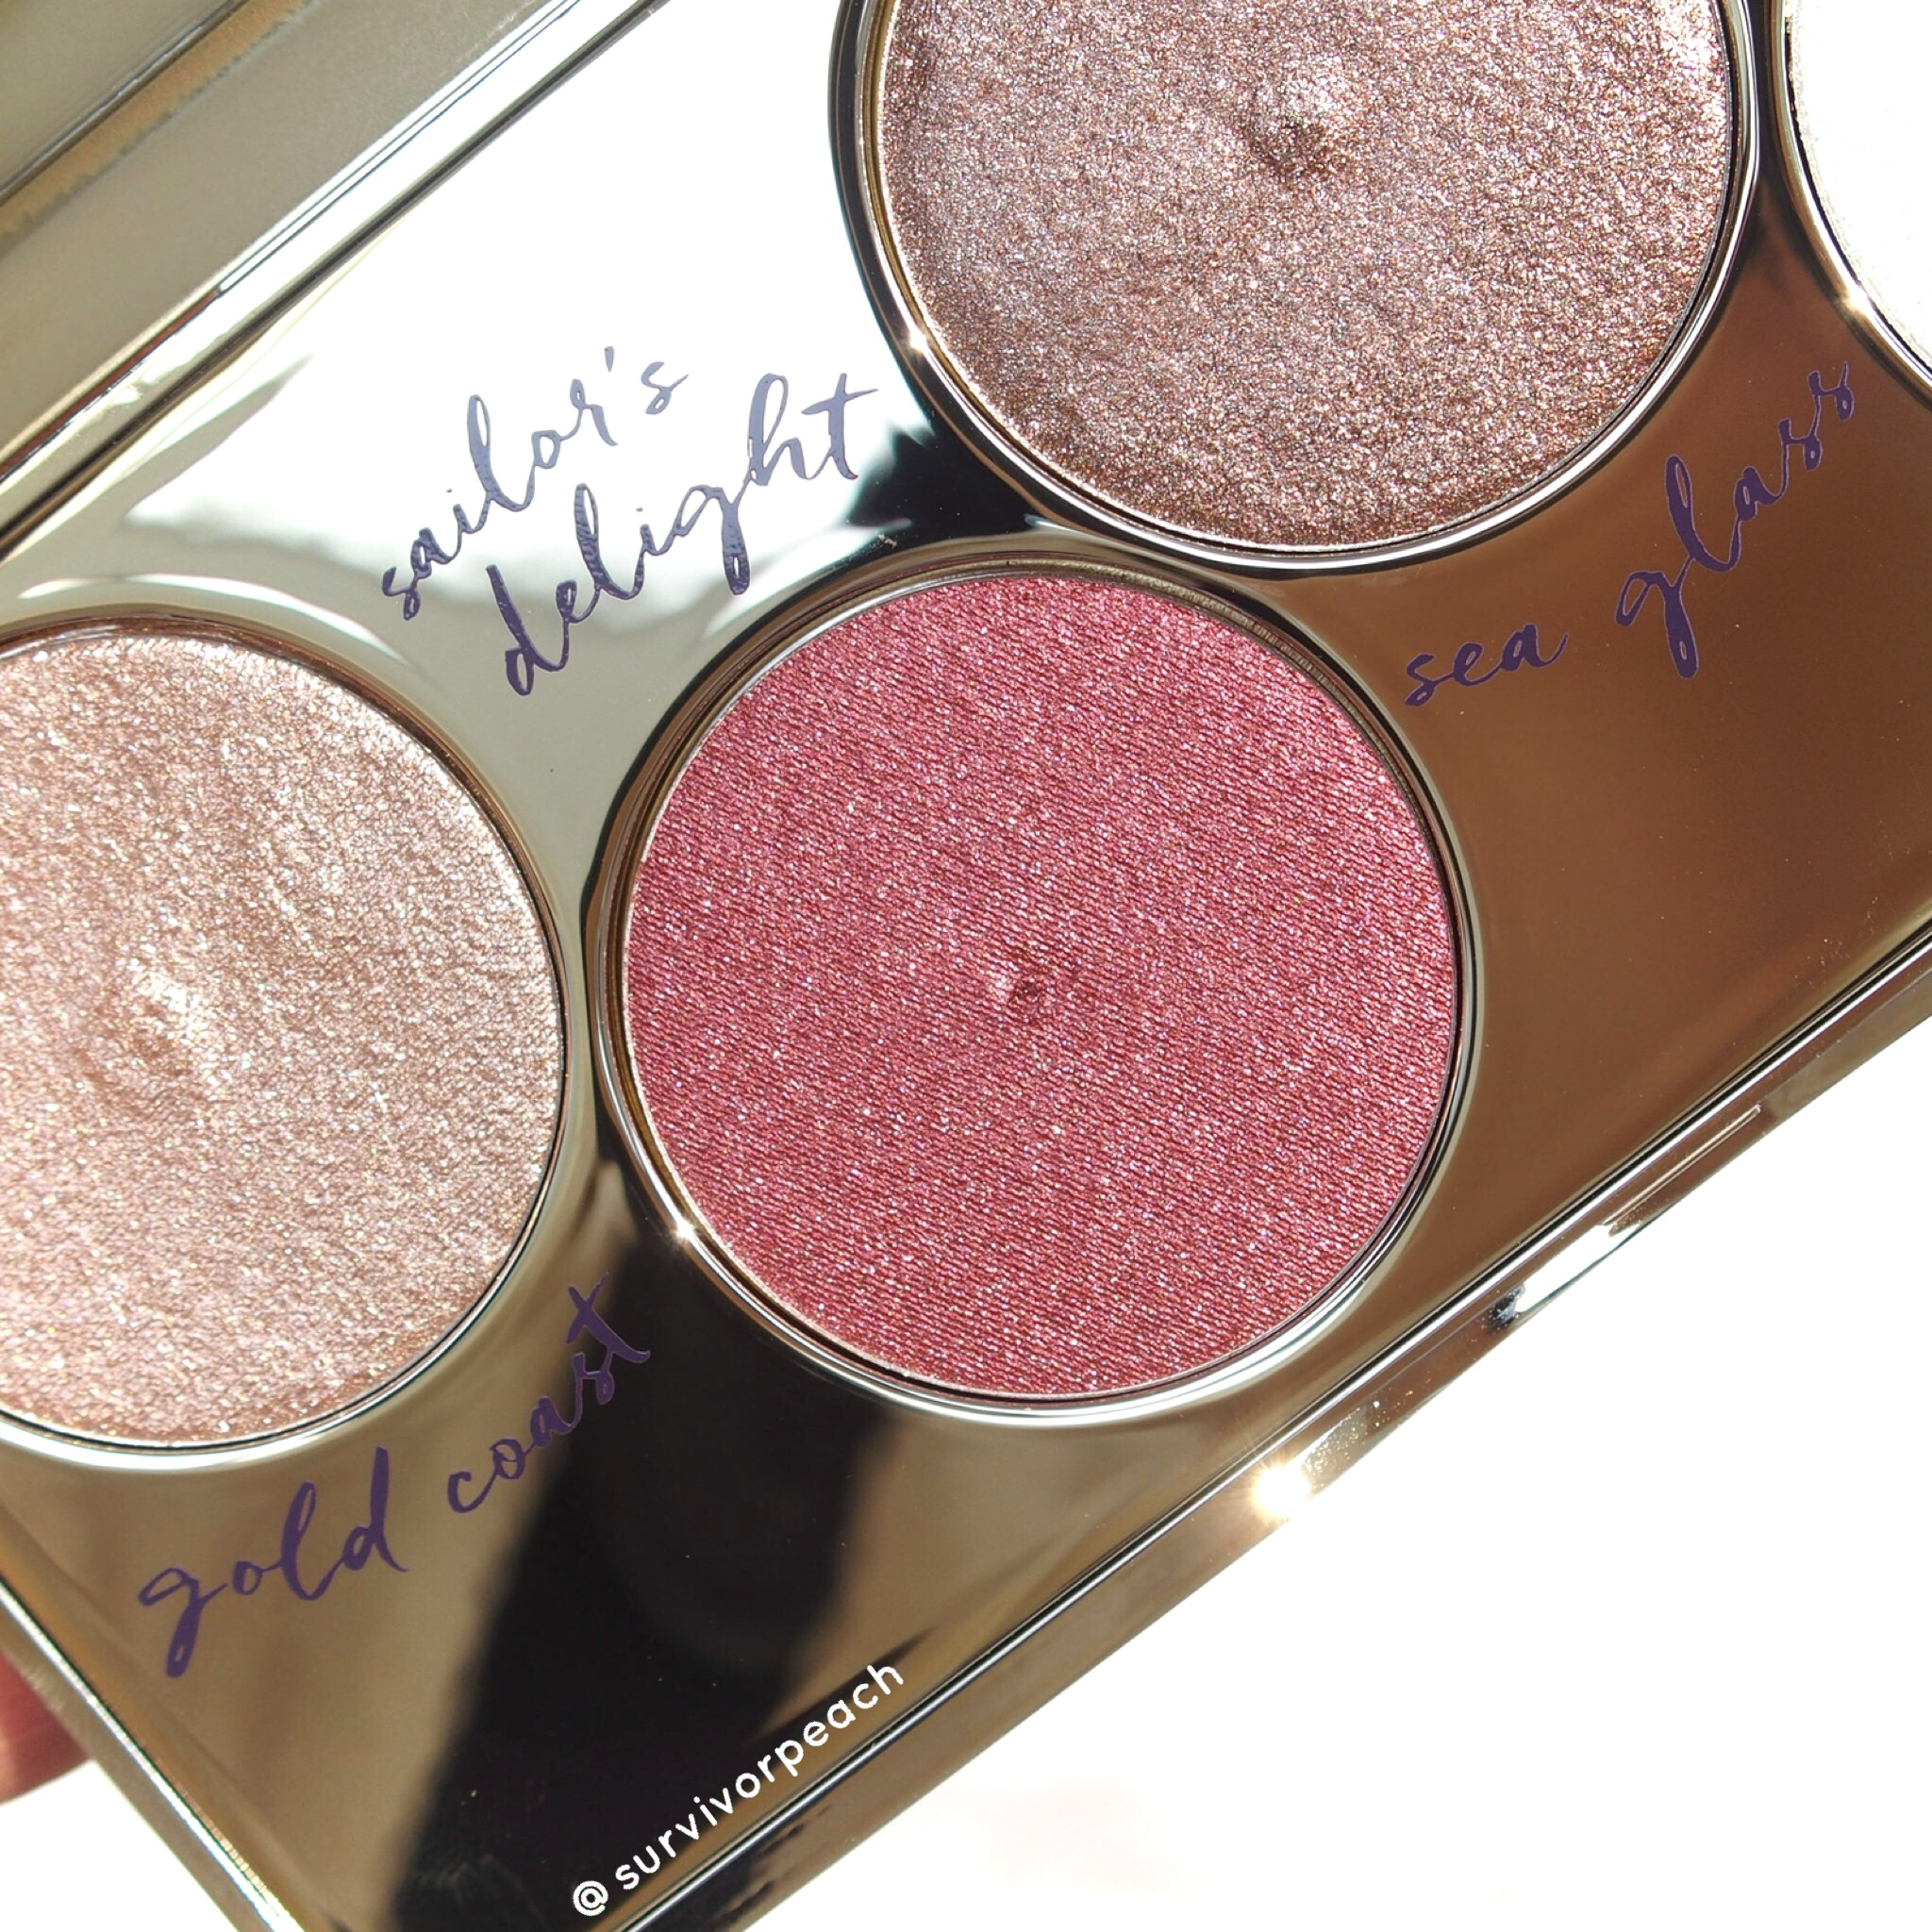 Tarte Foiled Fingers eyeshadow palette - shimmer shade